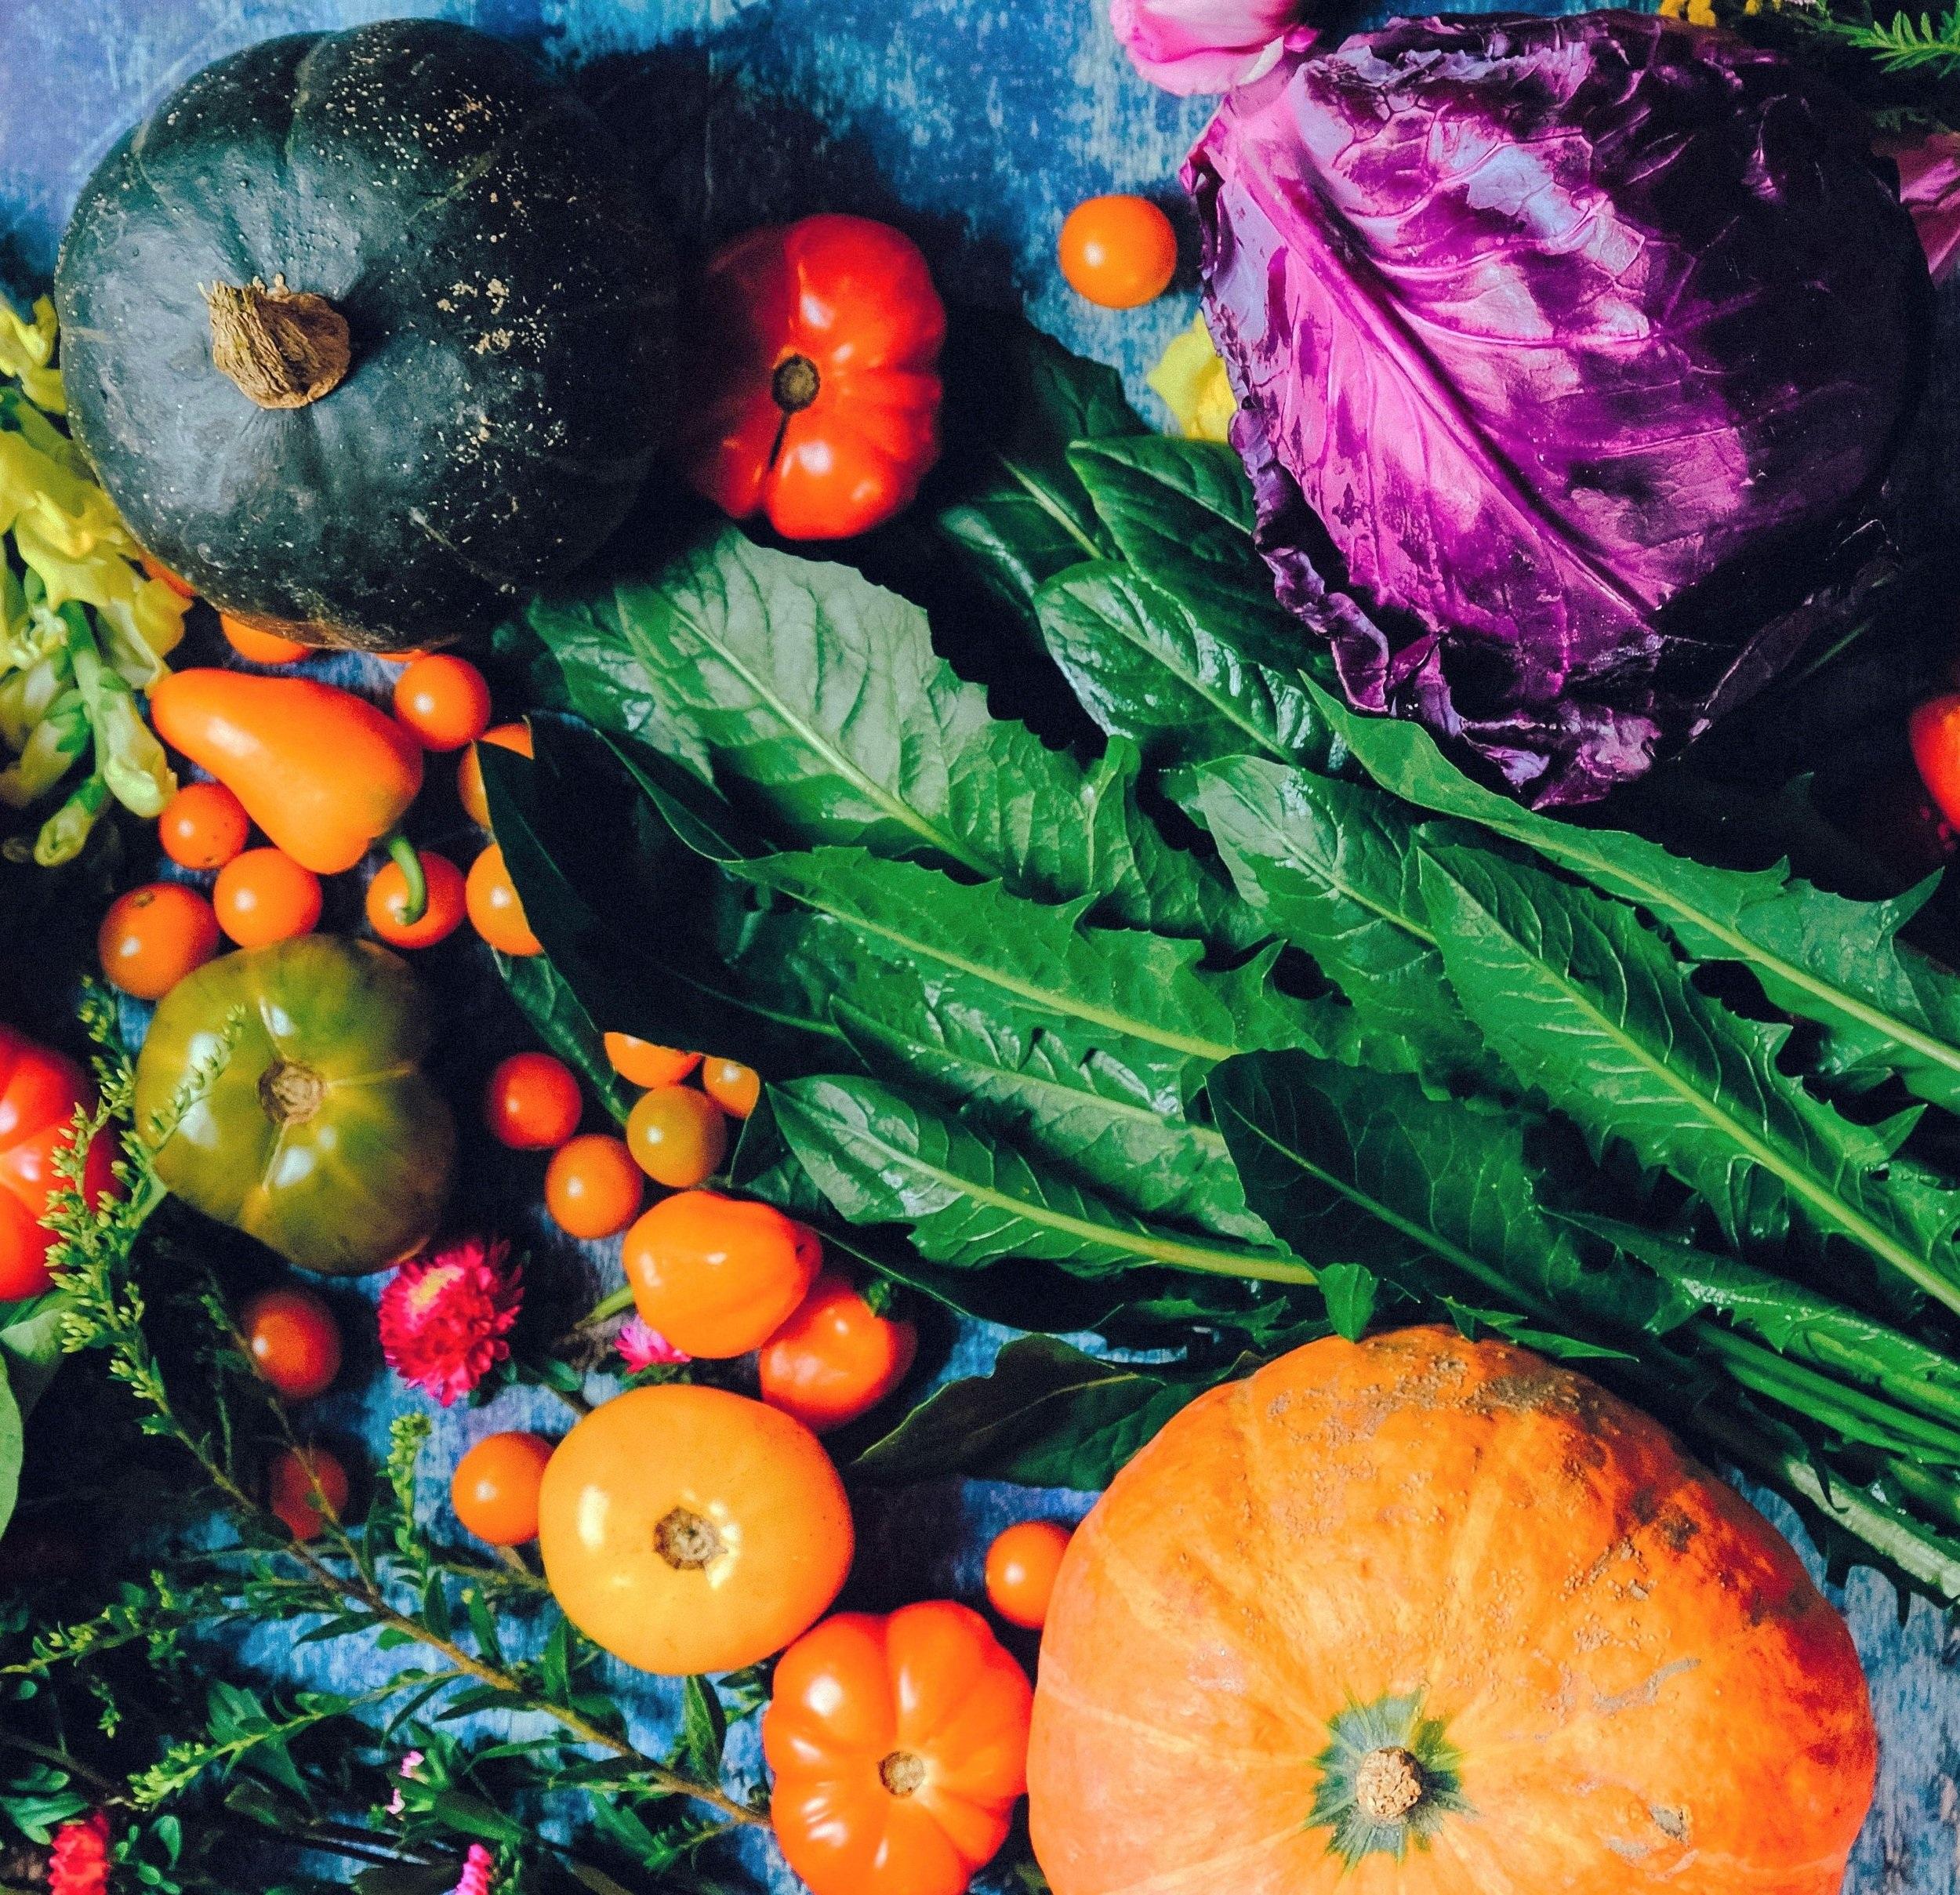 veggies+3+amended.jpg